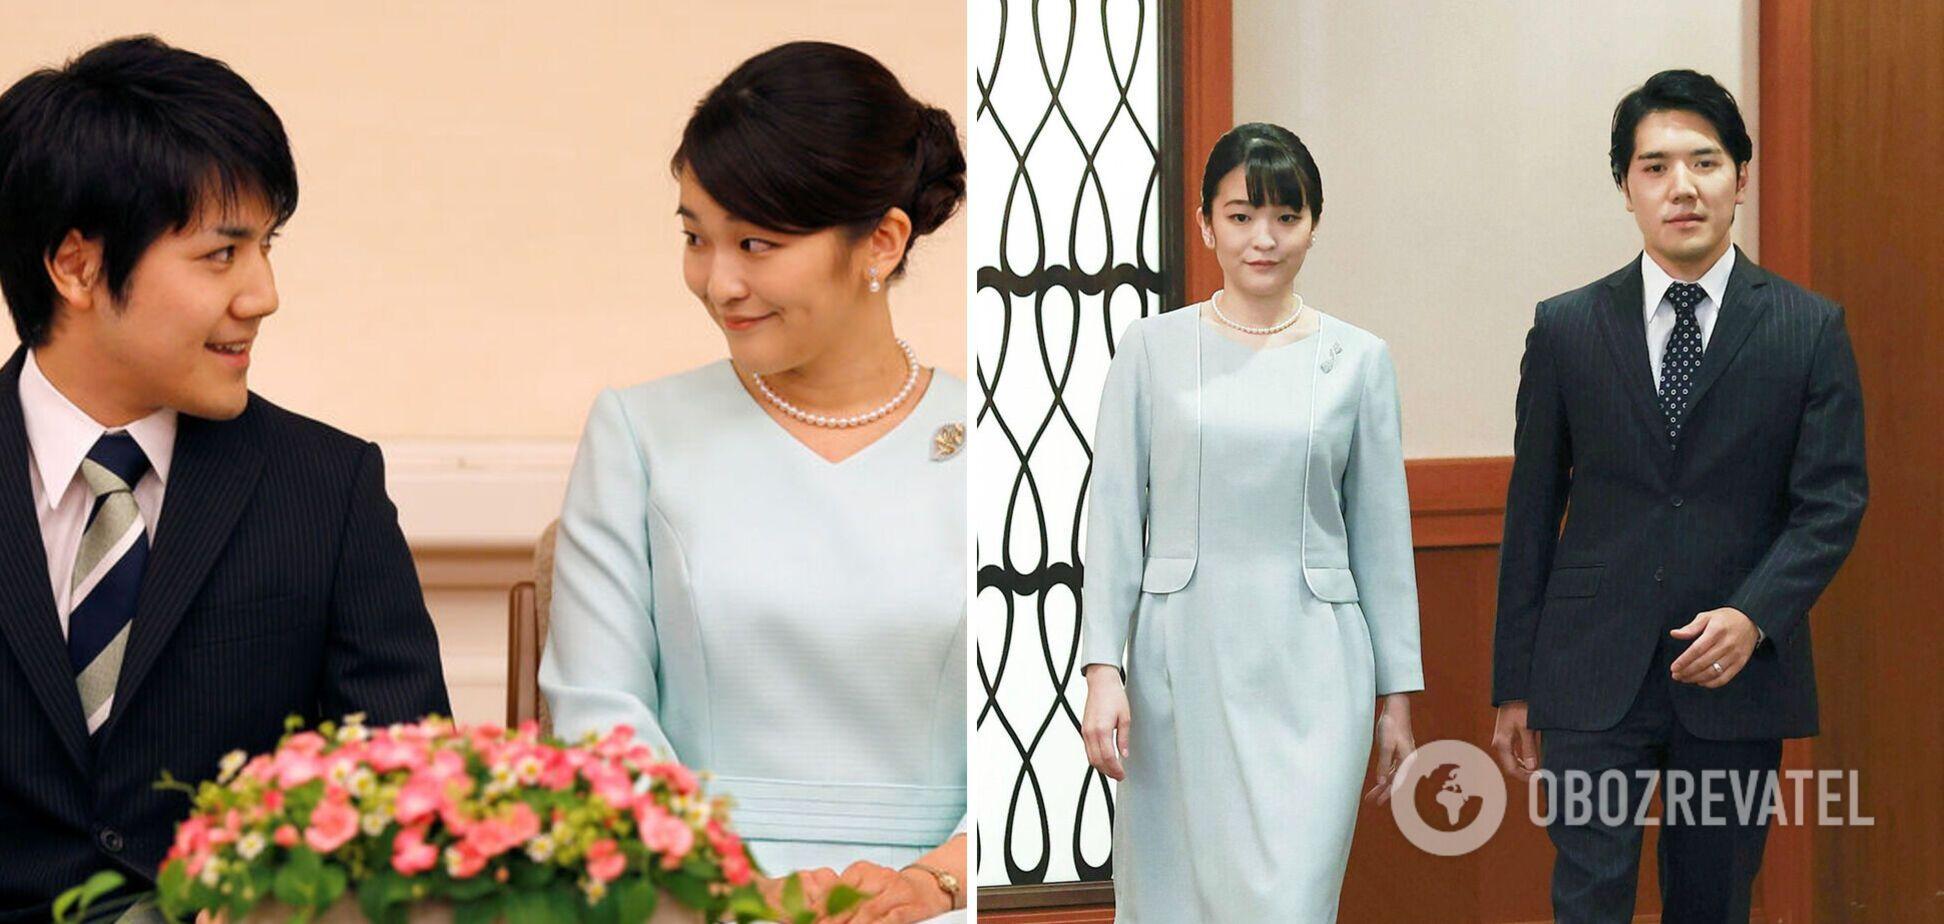 Японская принцесса переедет в США и поселится с мужем в однокомнатной квартире